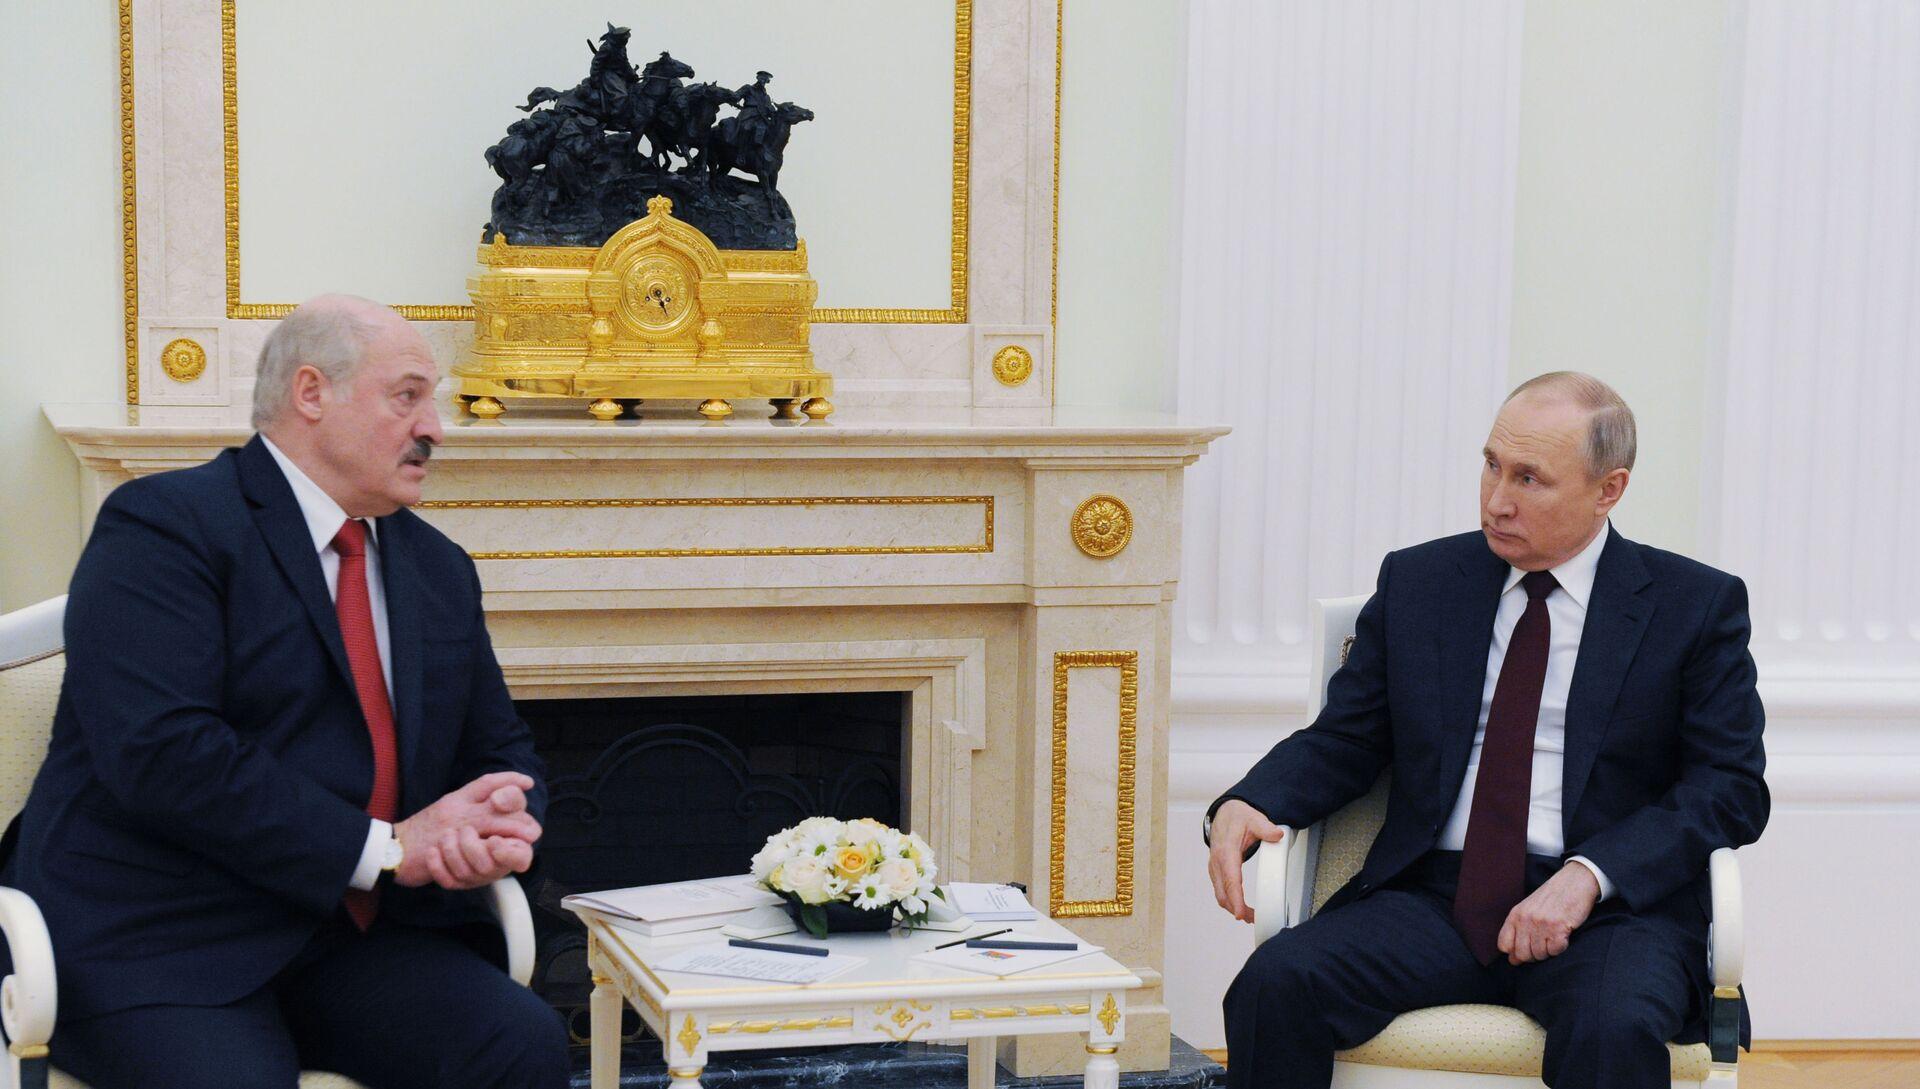 Президент РФ В. Путин встретился с президентом Белоруссии А. Лукашенко - РИА Новости, 1920, 22.04.2021